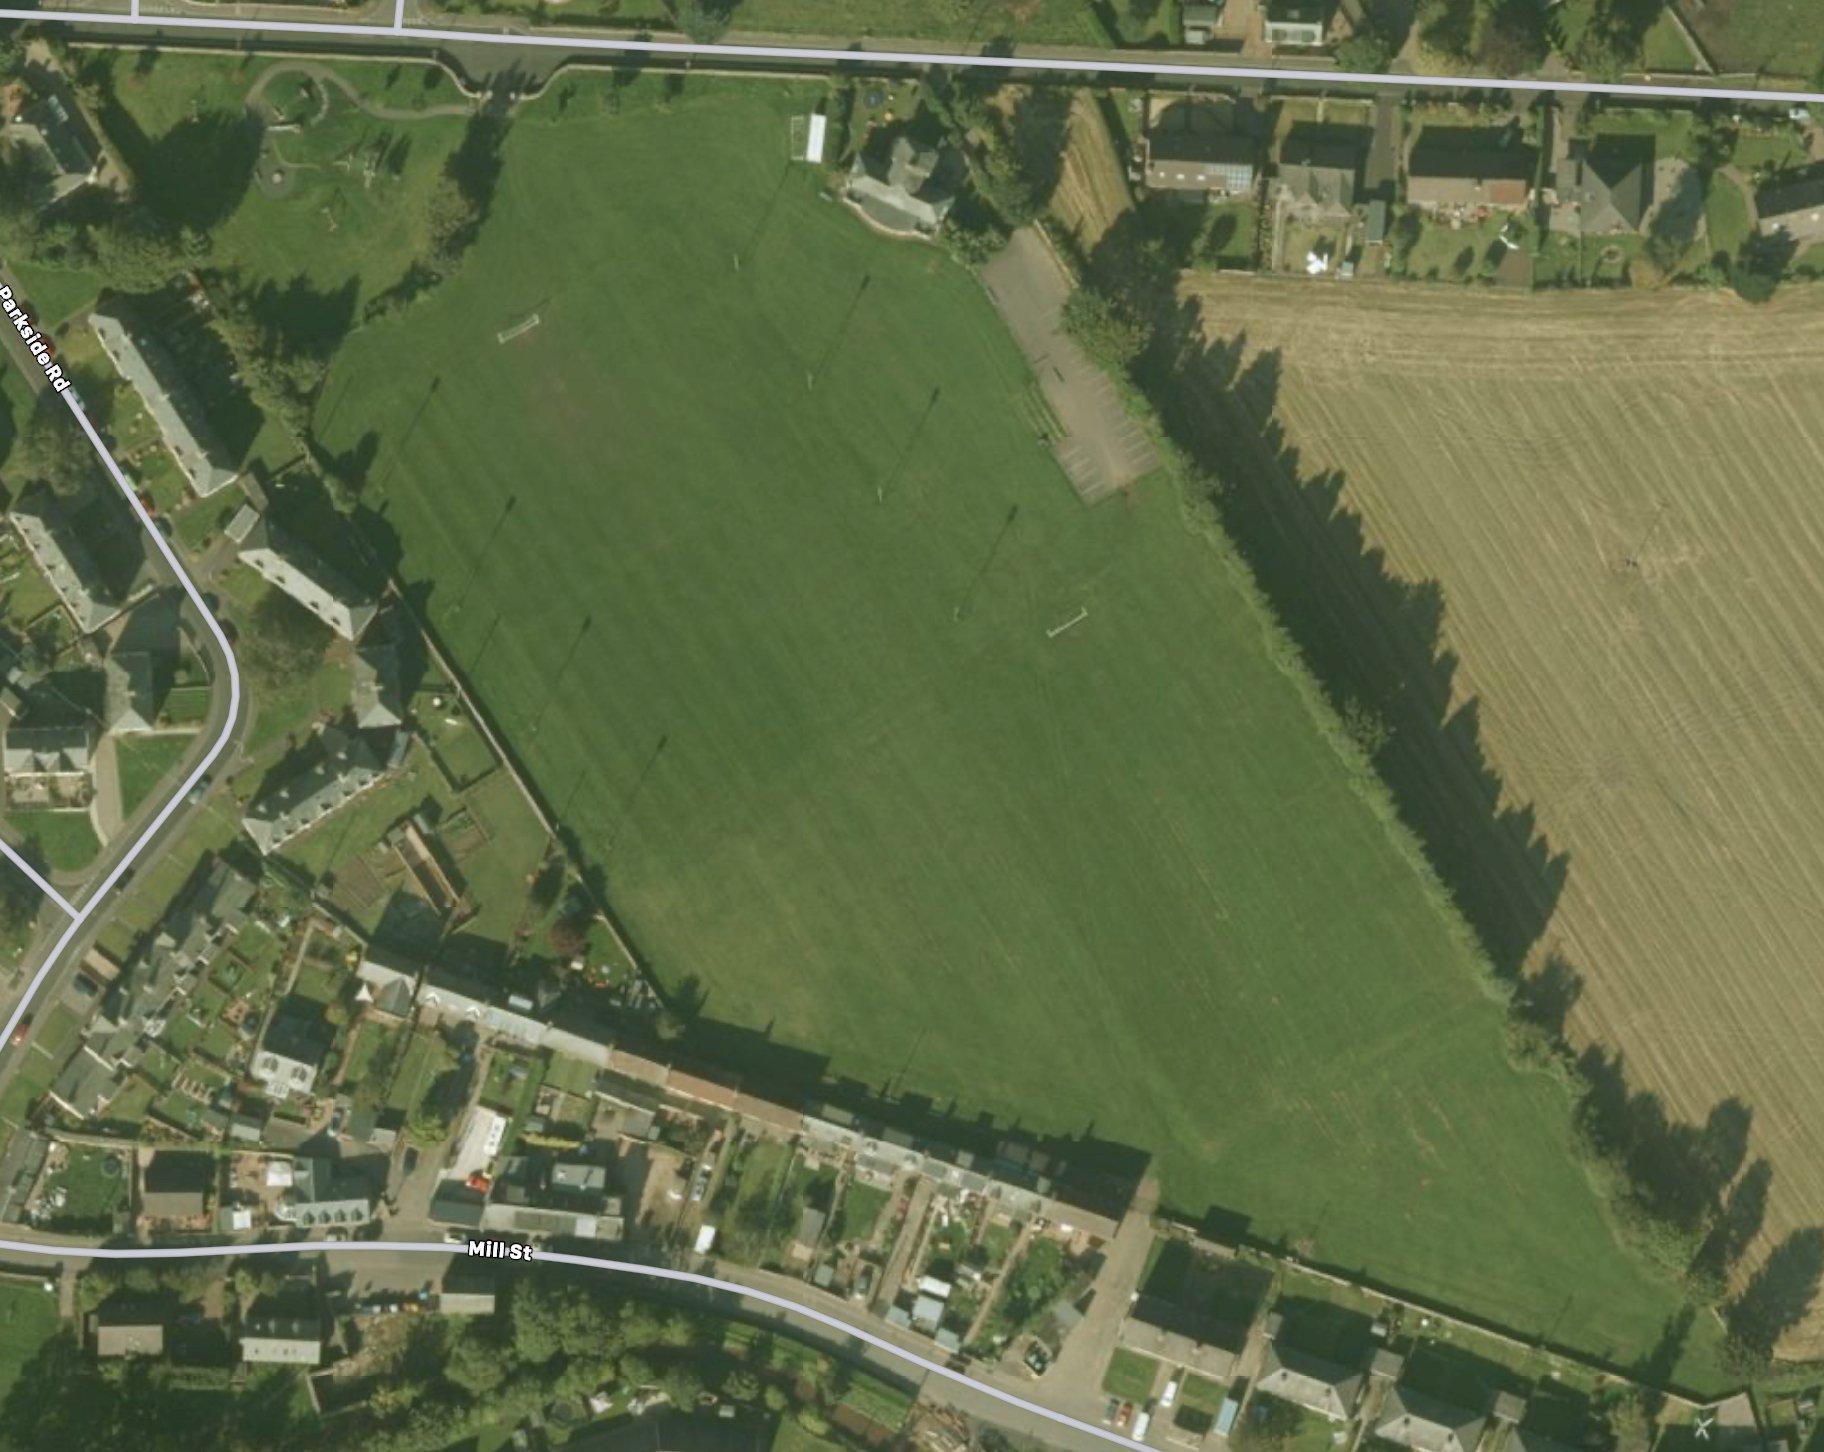 Jubilee Park aerial view